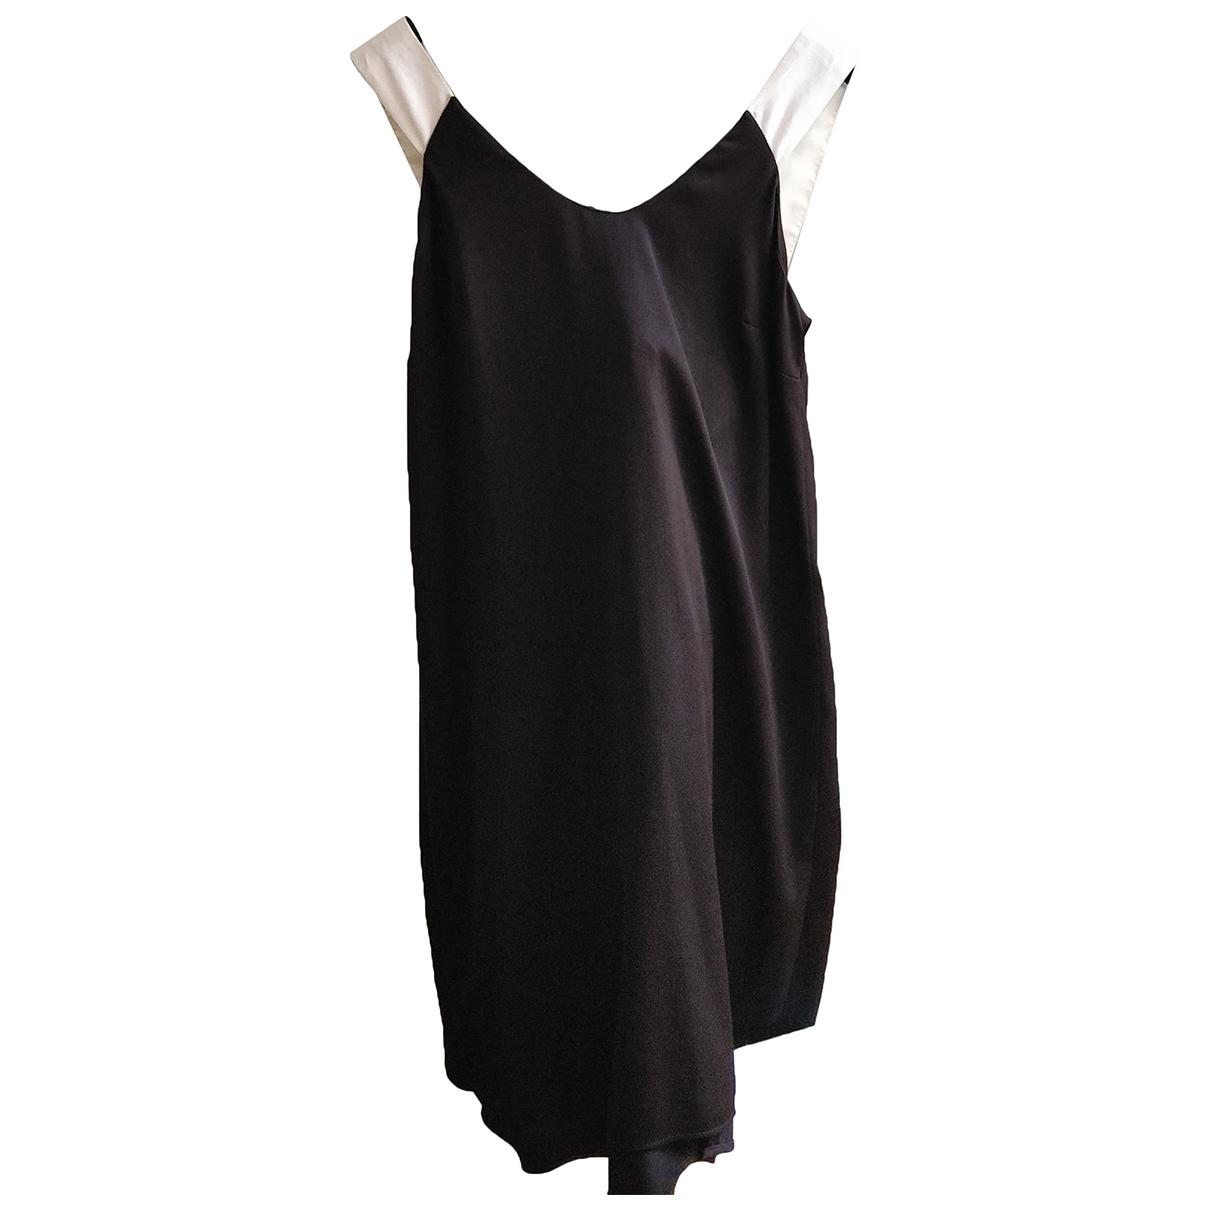 Claudie Pierlot \N Kleid in  Schwarz Synthetik